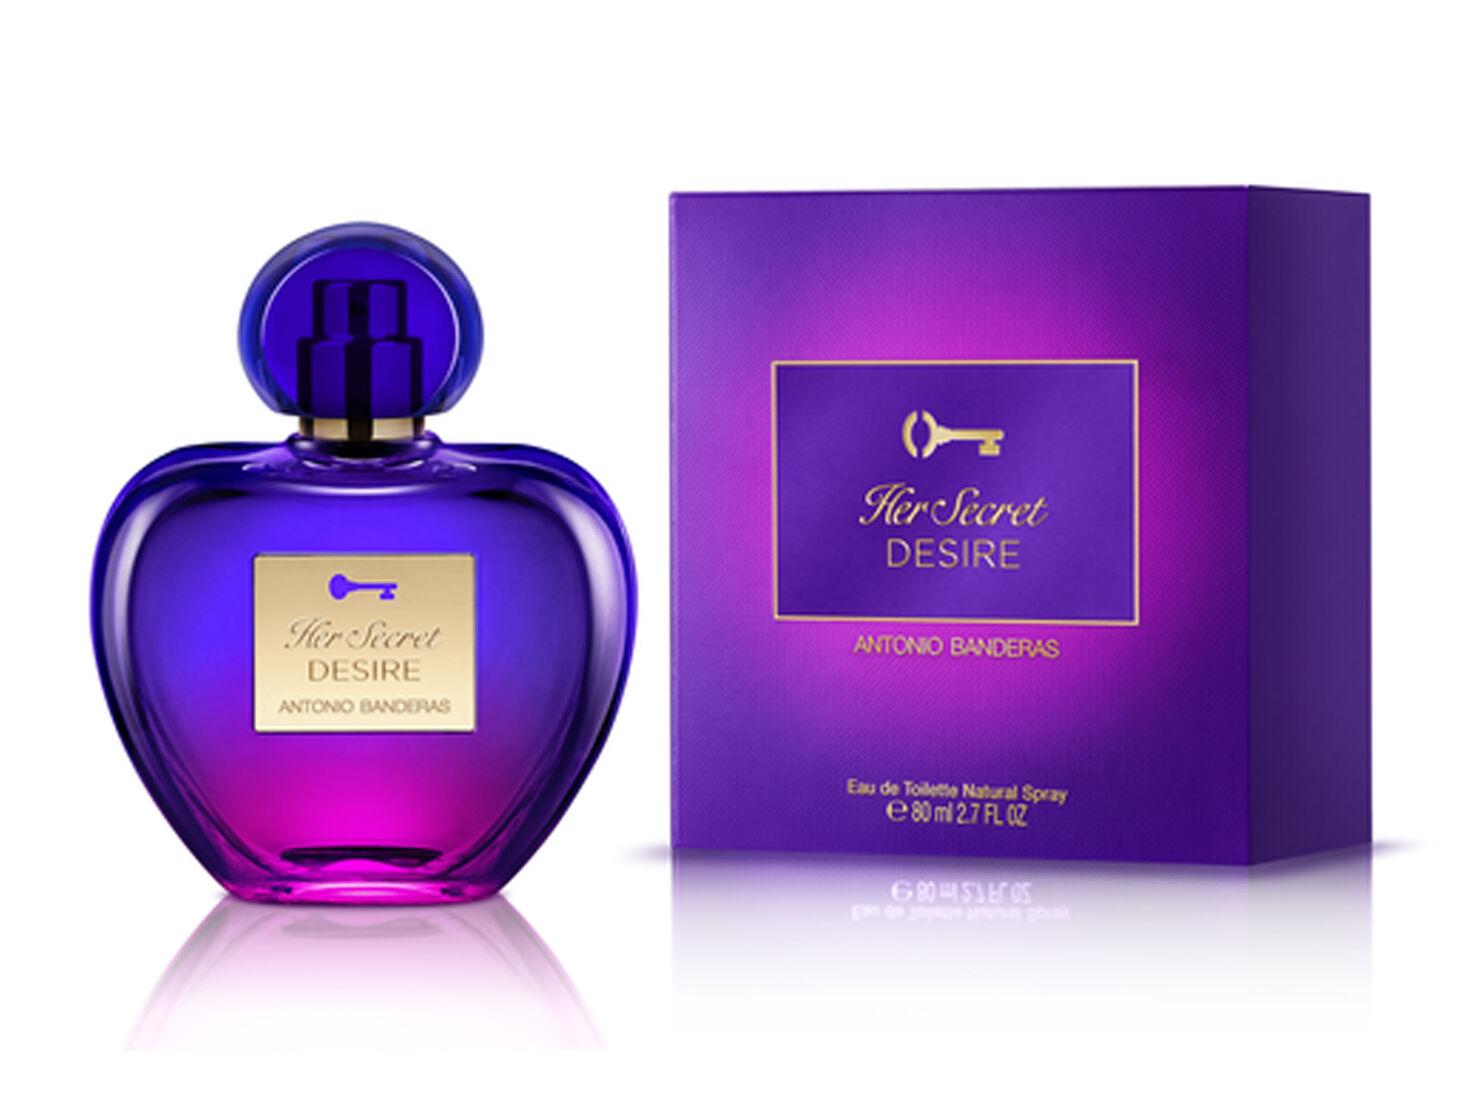 c88a053d0 ... Perfume%20Antonio%20Banderas%20Her%20Secret%20Desire%20EDT%2080% ...